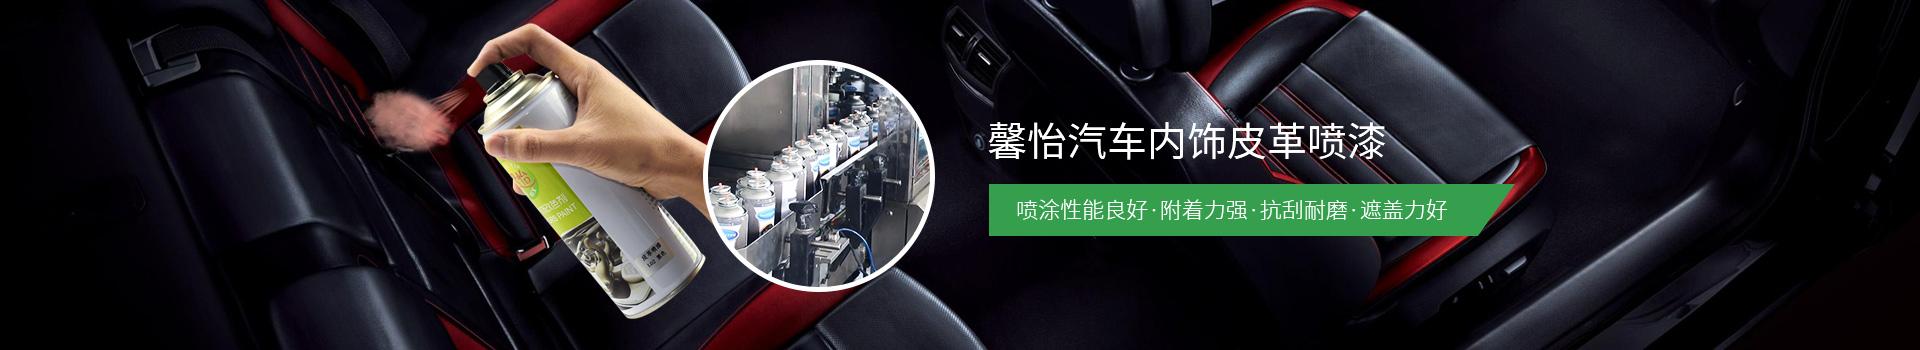 亿博2娱乐平台注册汽车内饰皮革亿博2娱乐平台:喷涂性能良好、附着力强、抗刮耐磨、遮盖力好